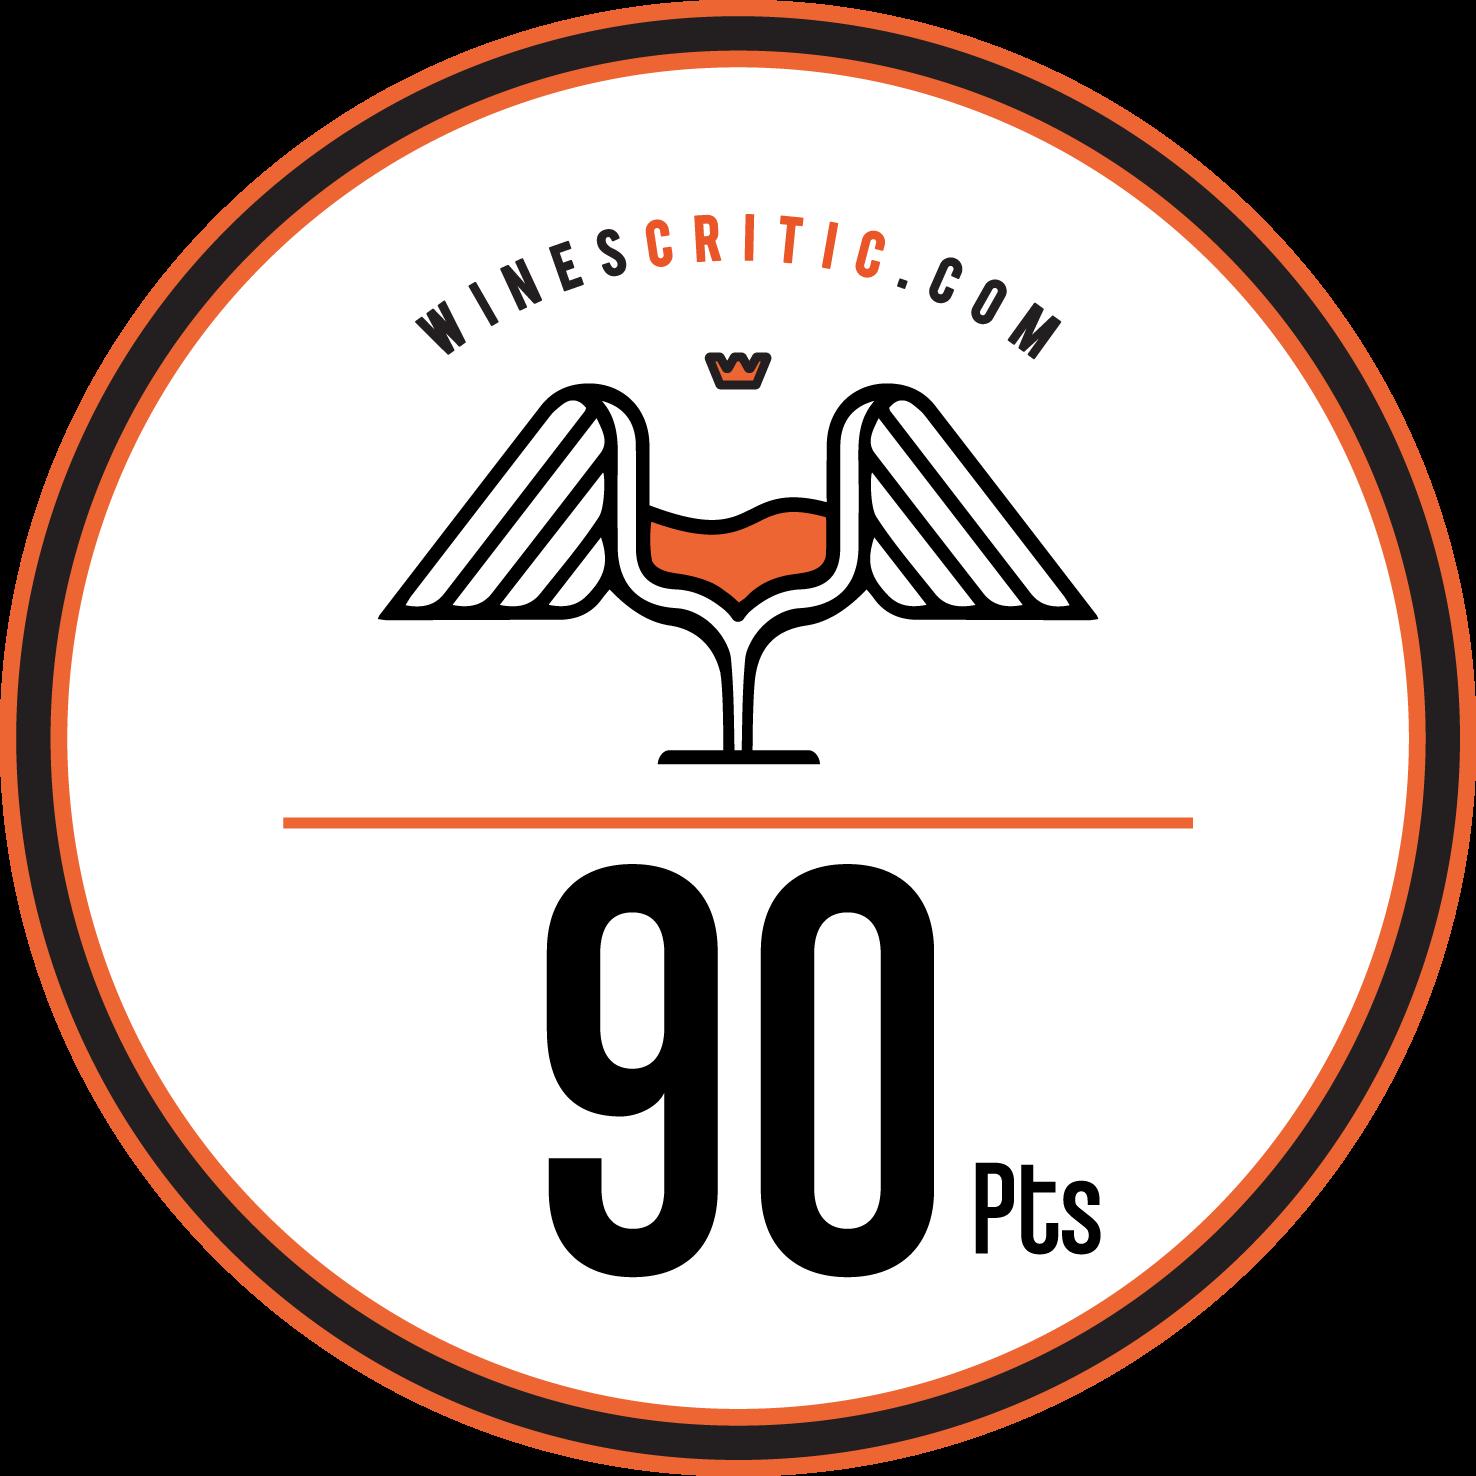 wines-critic-l'auradisarticola-recensioni